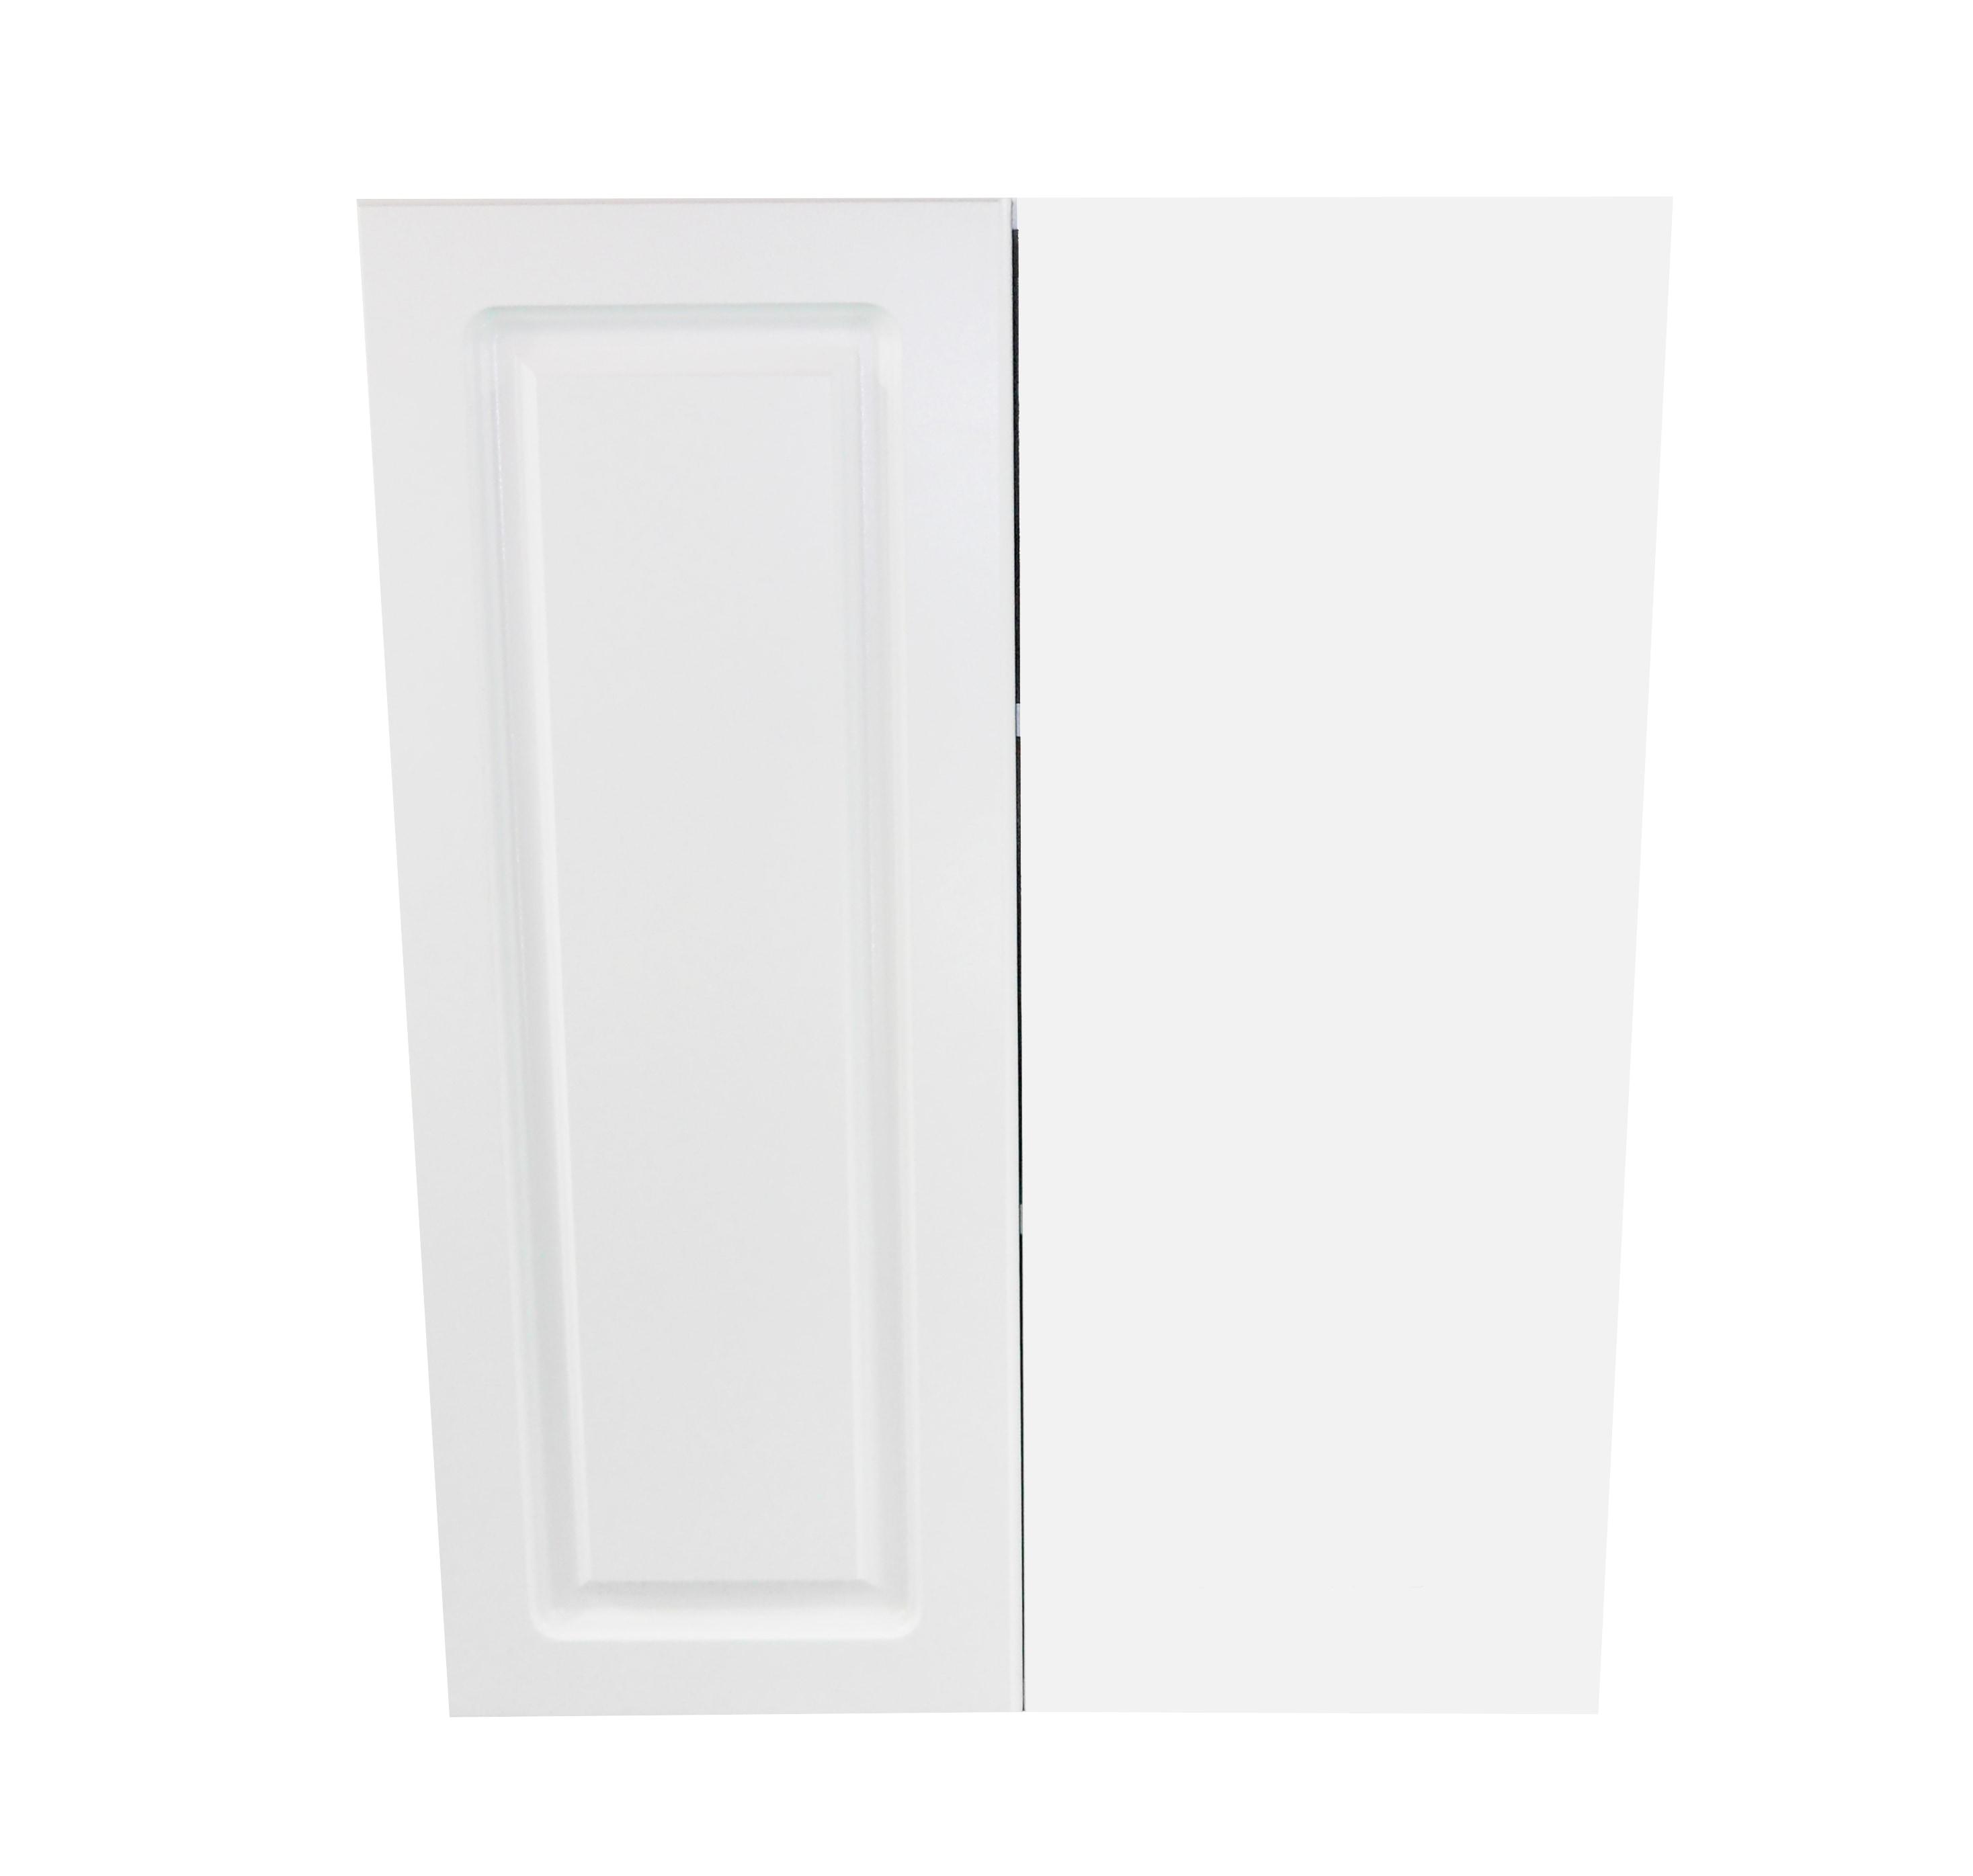 Blind Wall Cabinet / San Juan / Raised Panel White / 24x24x30 San Juan 0